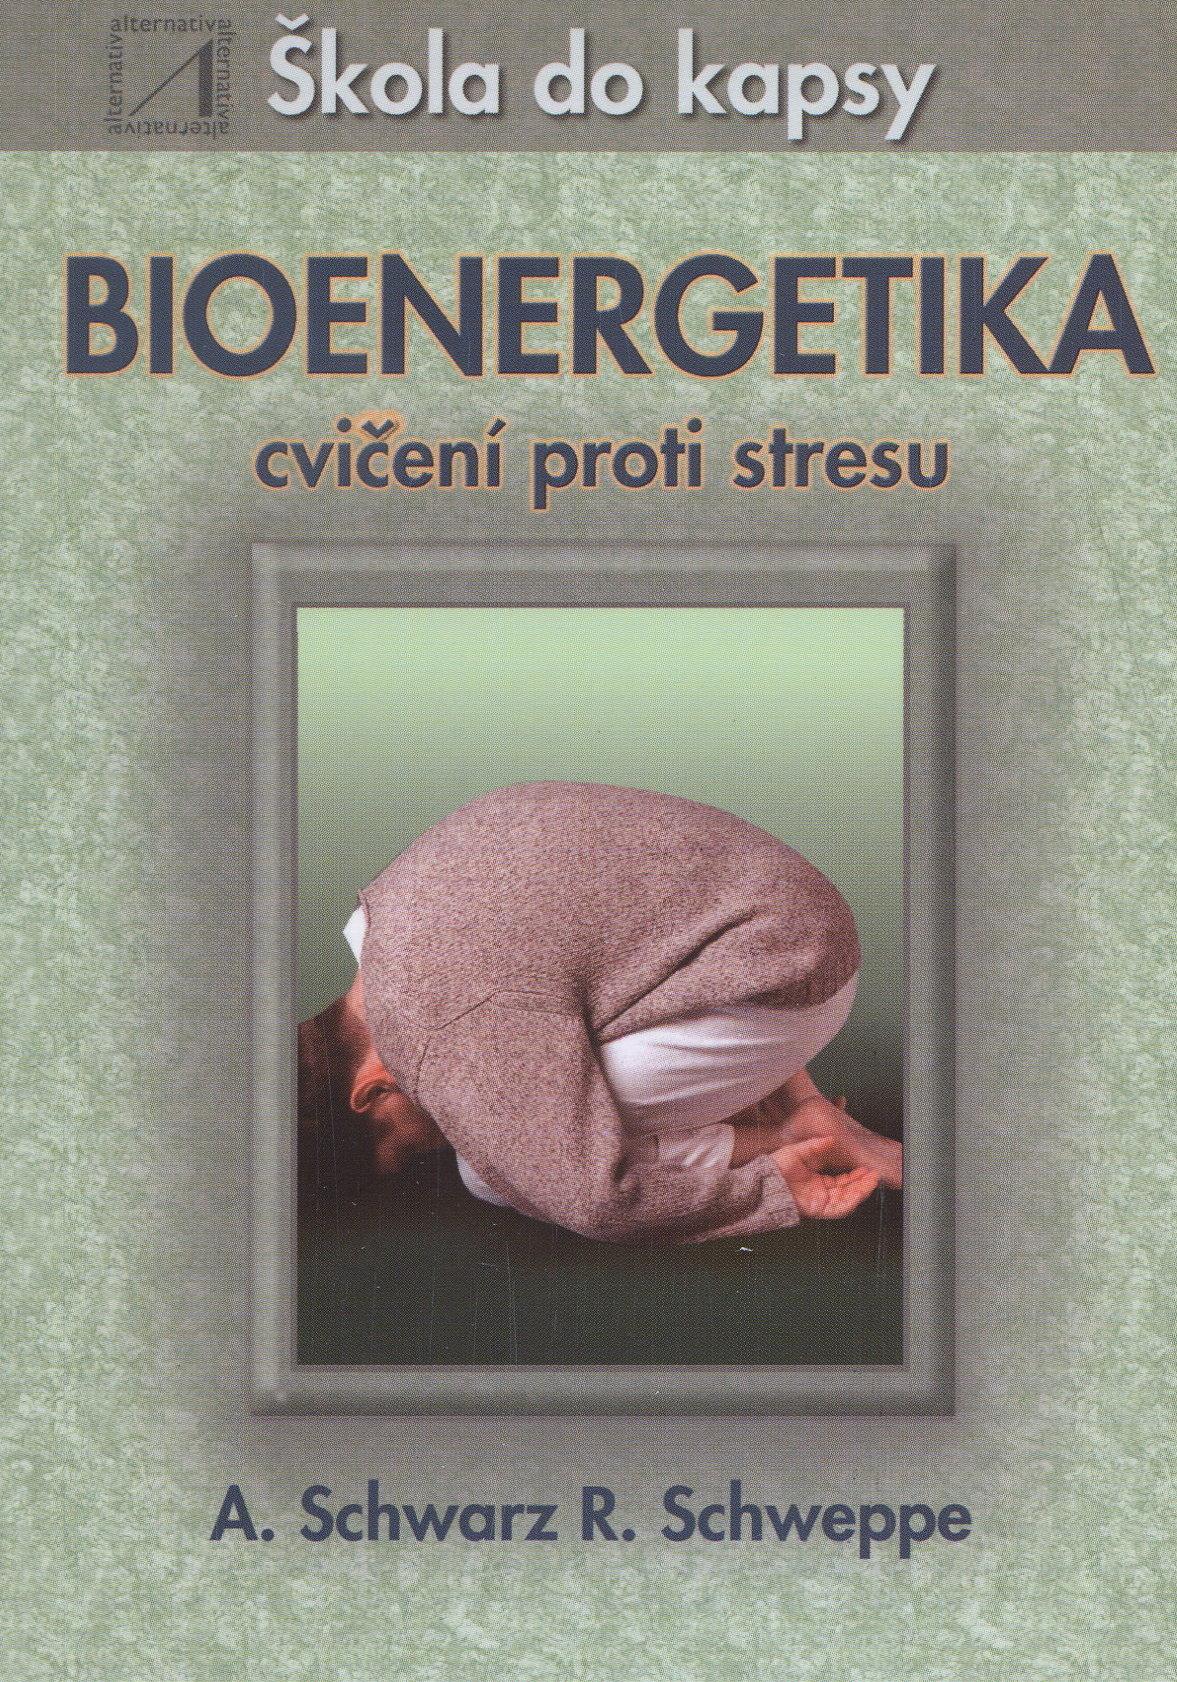 Bioenergetika - škola do kapsy - cvičení proti stresu